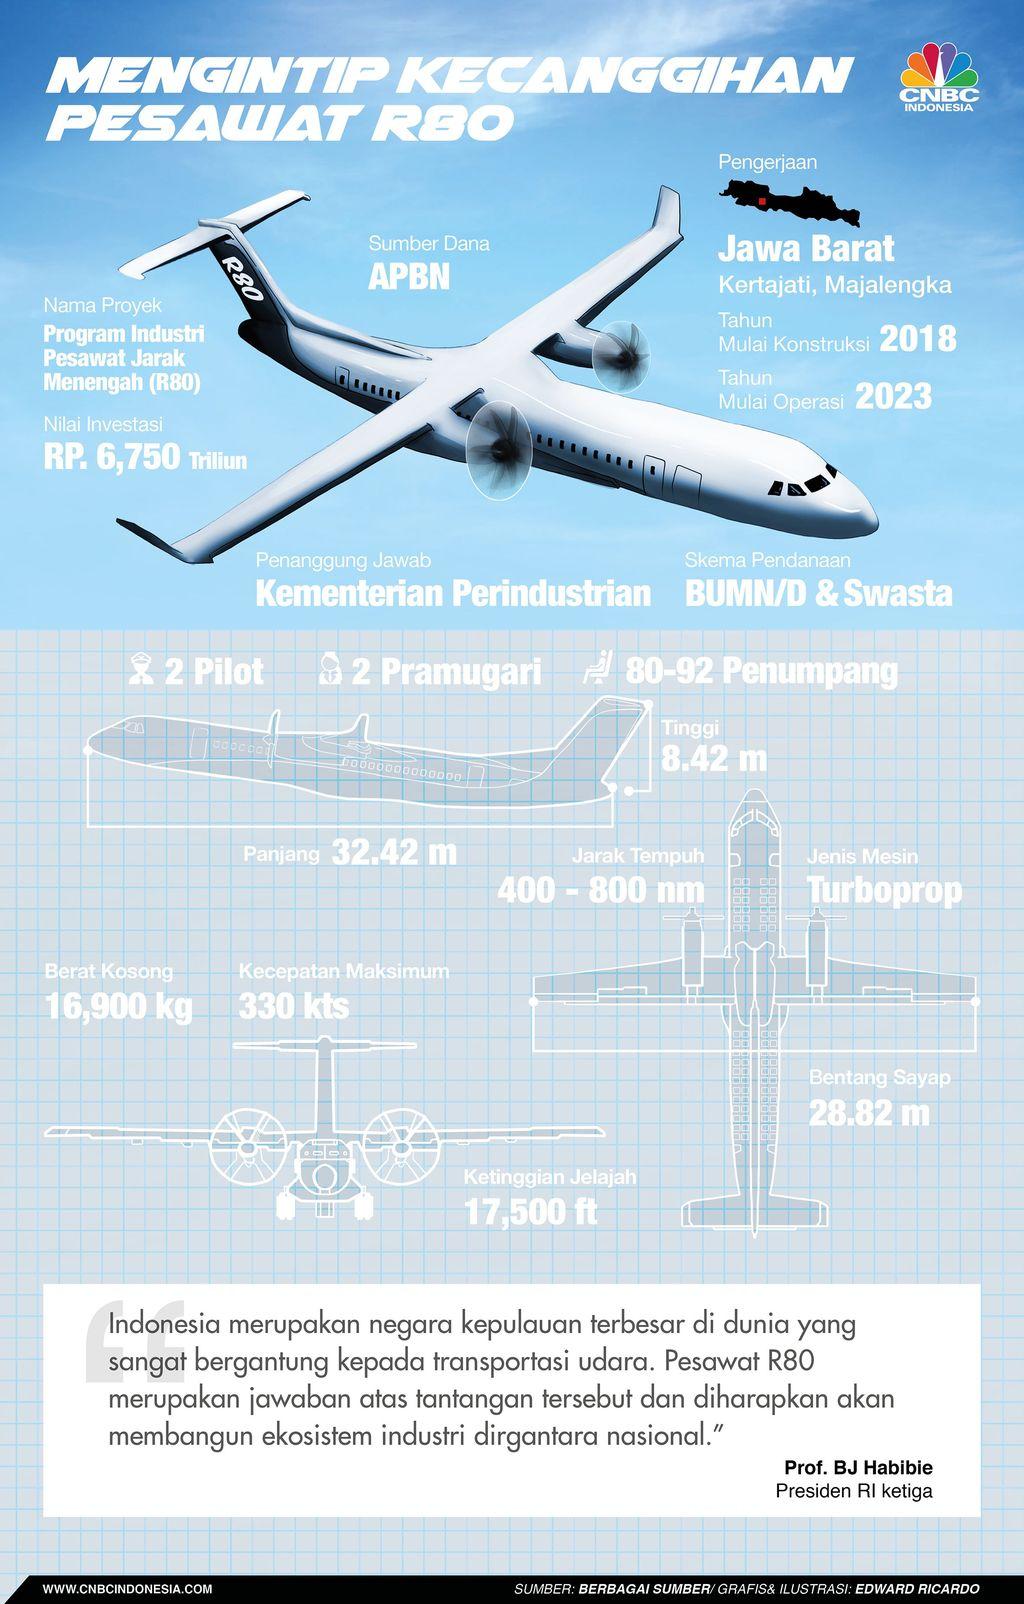 REVISI Melihat Kecanggihan Pesawat R80